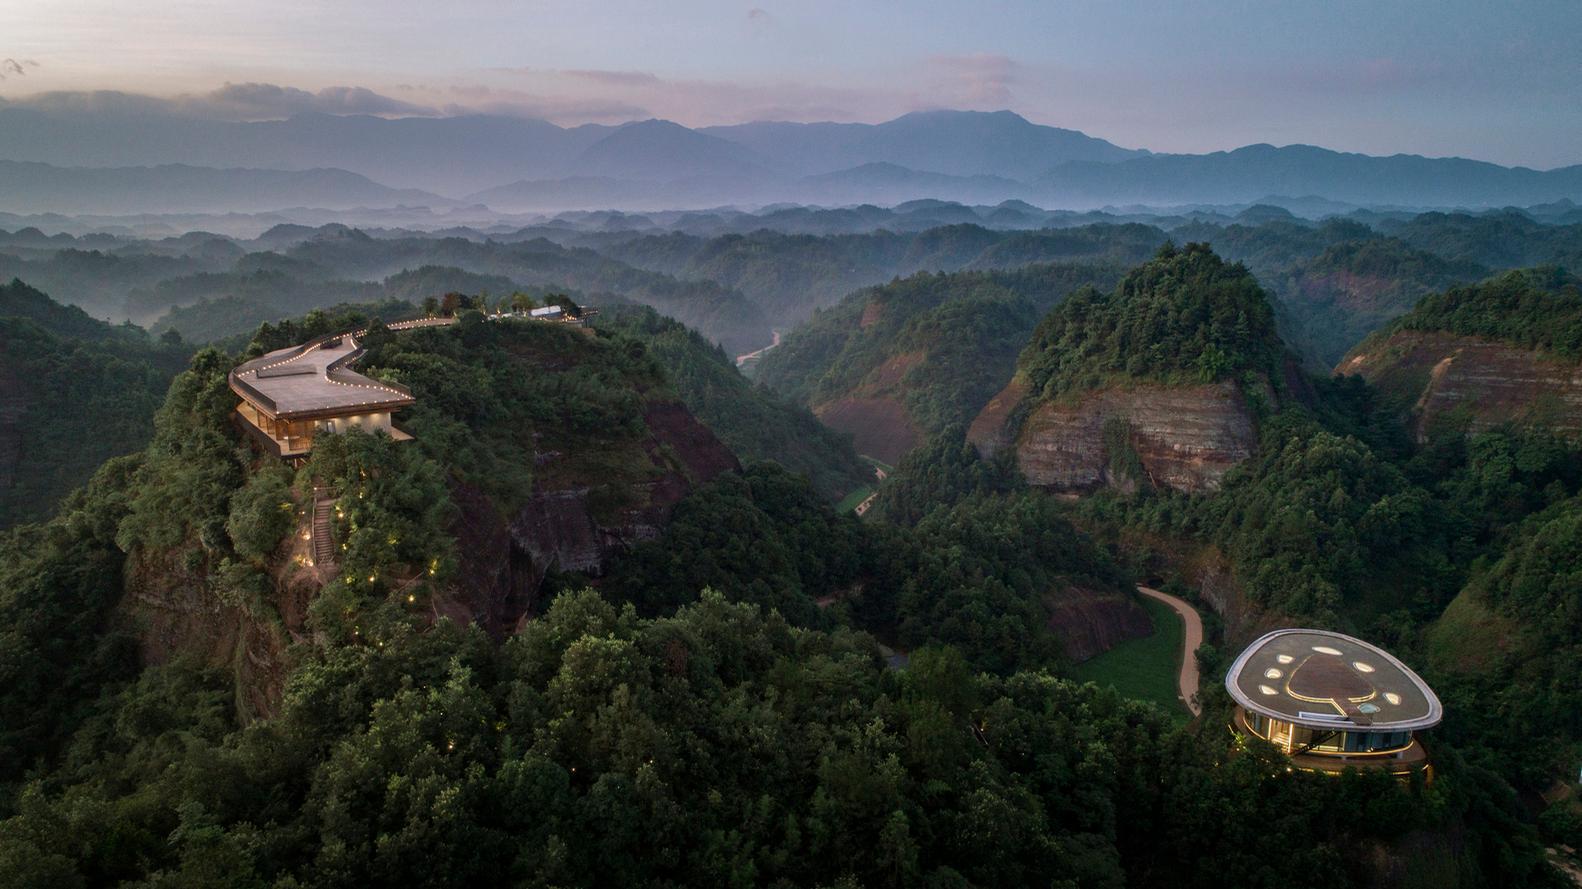 The Pingjiang Homey Wild Luxury Hotel is located in Baimao Village, Pingjiang County in China's Hunan Province / Jin Weiqi